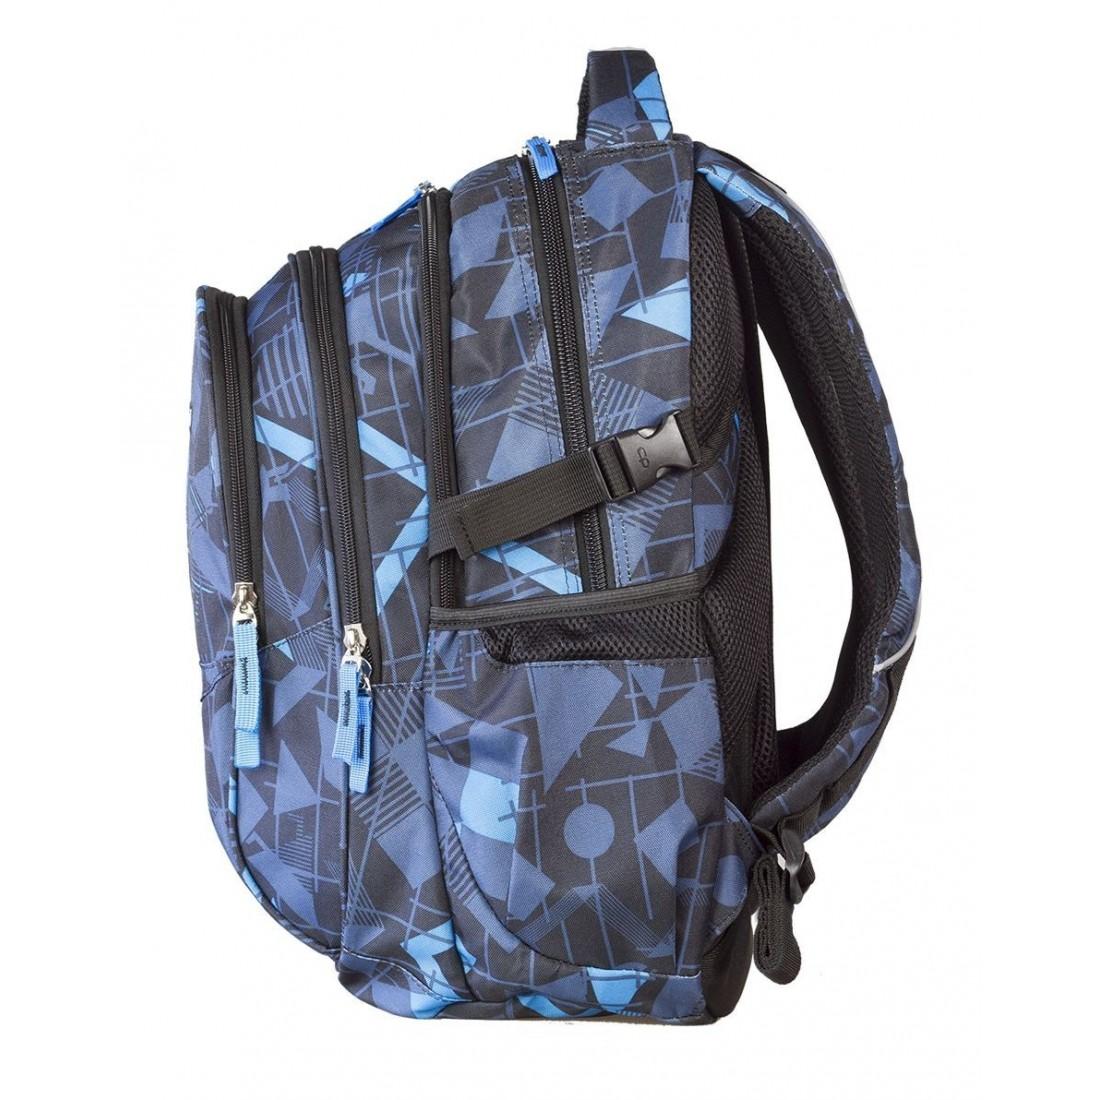 Plecak młodzieżowy CoolPack CP - 4 przegrody FACTOR GEOMETRIC 444 - plecak-tornister.pl